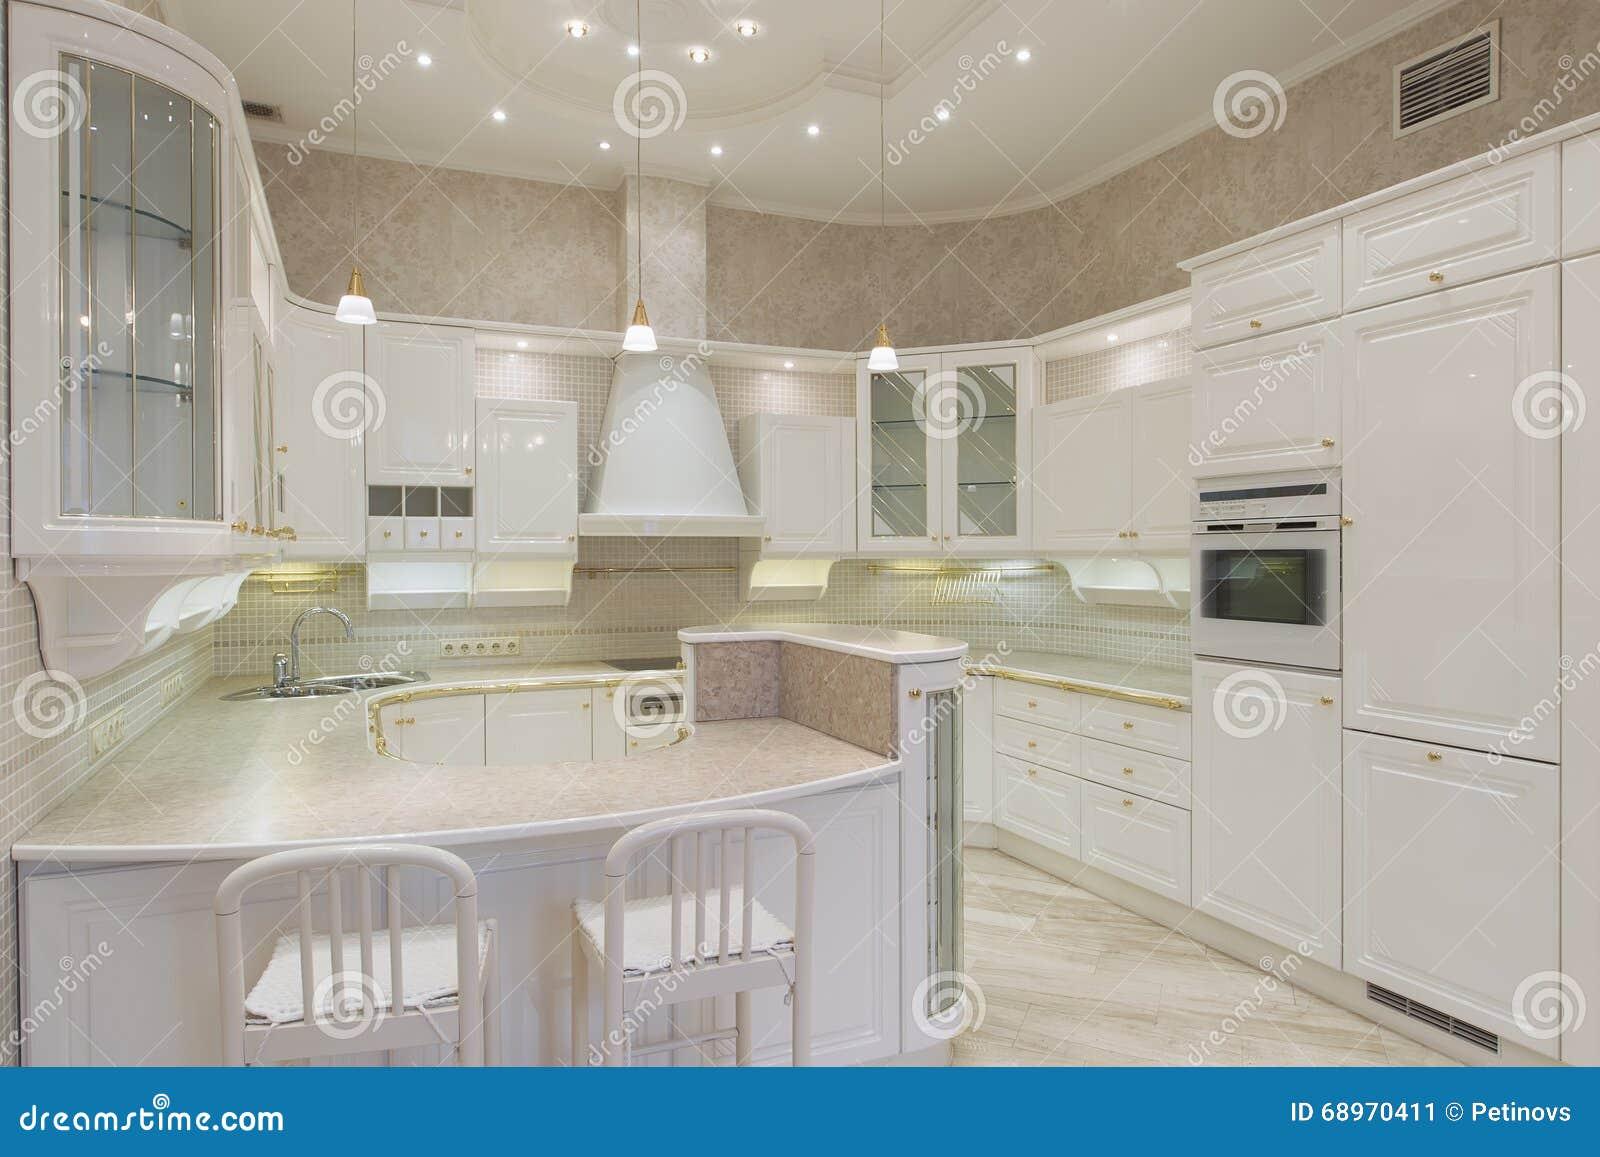 Cuisine de luxe blanche dans une maison moderne image for Casa moderna bianca